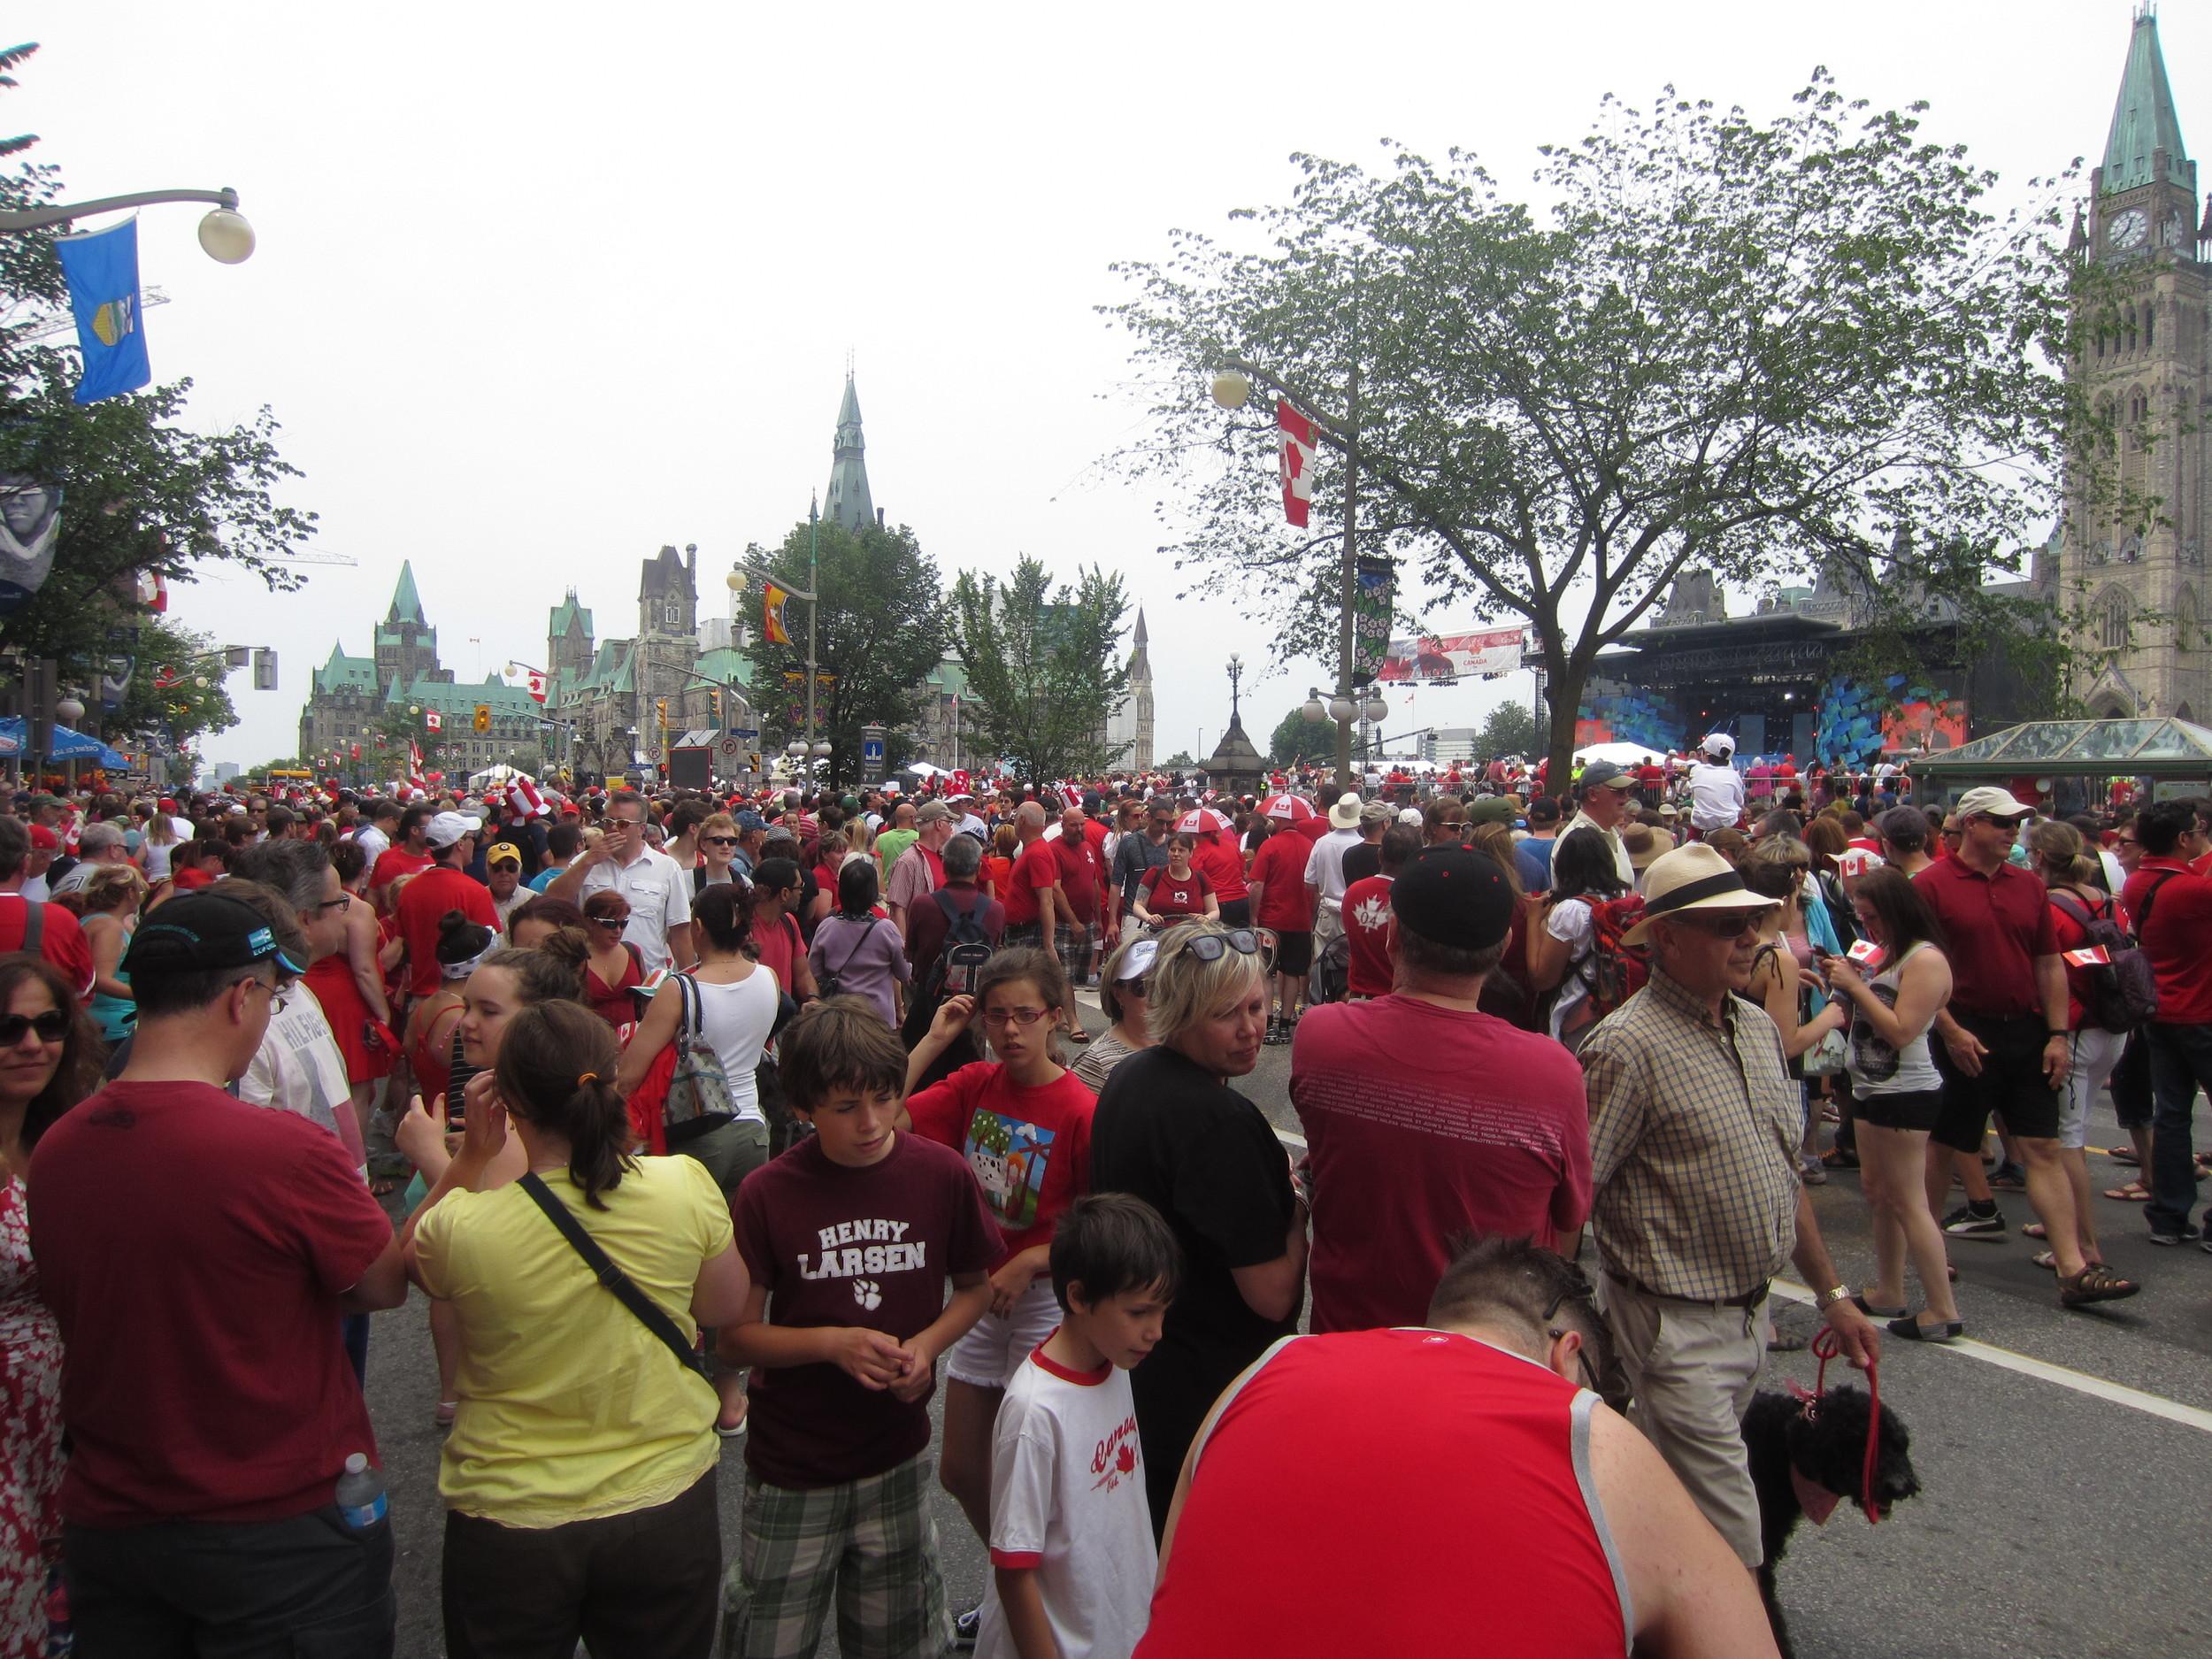 OttawaAndMaine_July2013 305